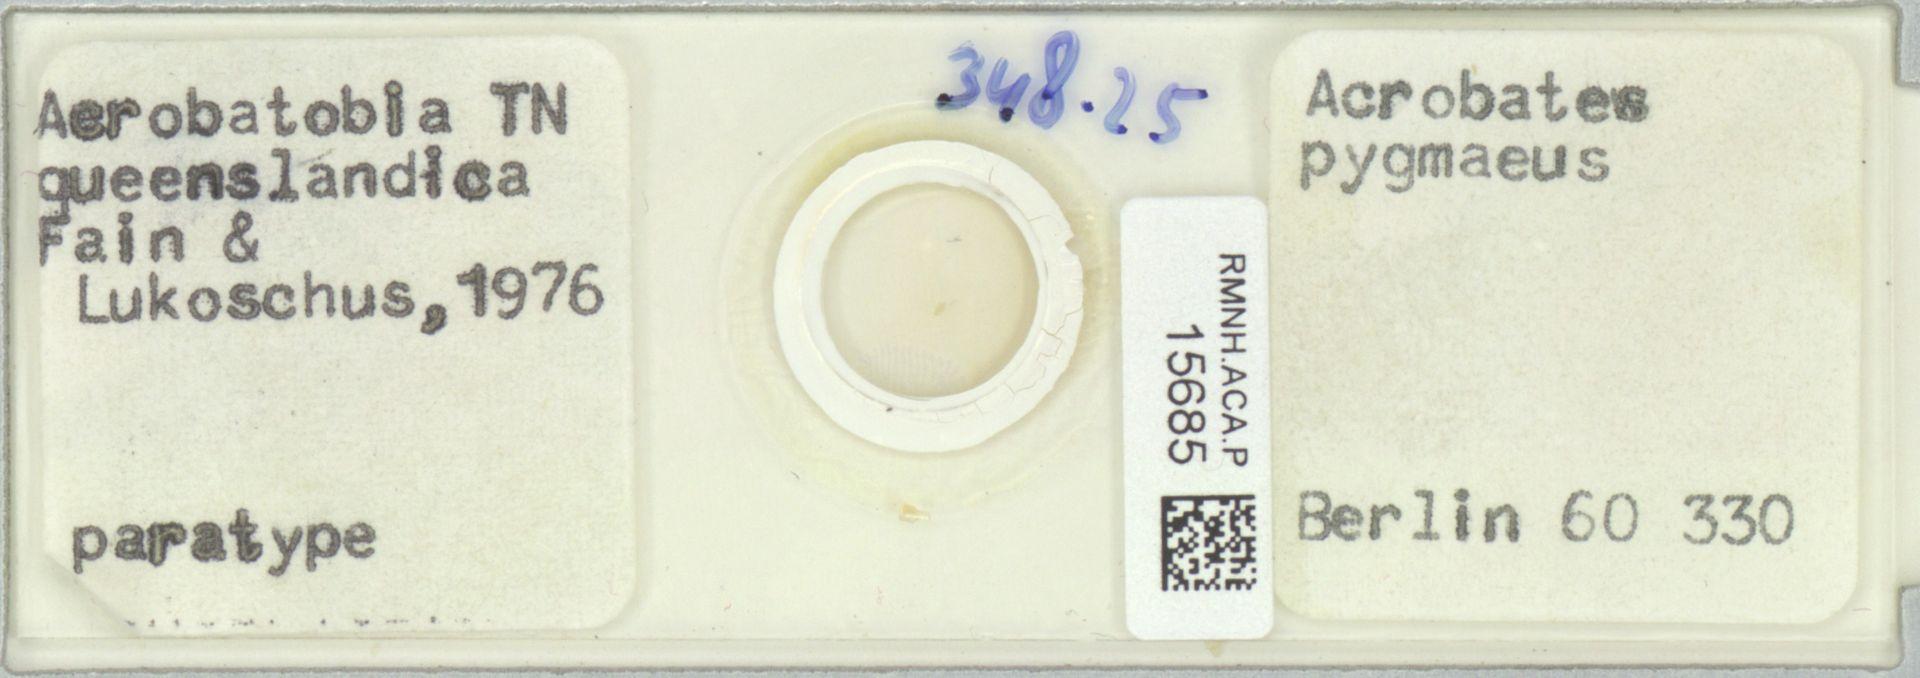 RMNH.ACA.P.15685   Acrobatobia queenslandica Fain & Lukoschus, 1976